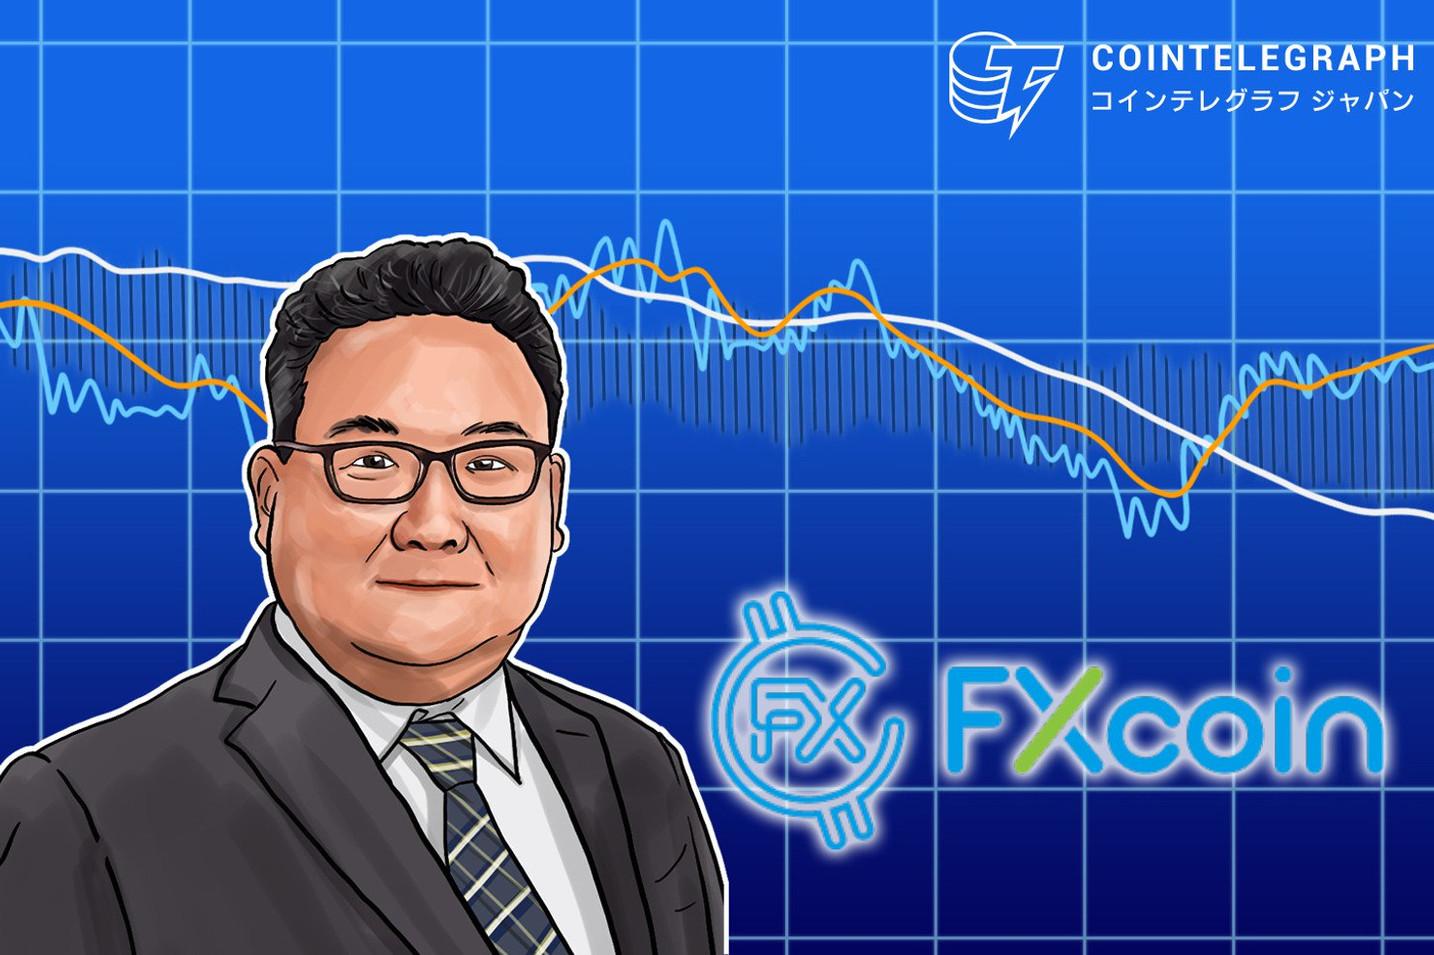 ビットコイン相場、短期的な調整を予想【朝の仮想通貨市況】